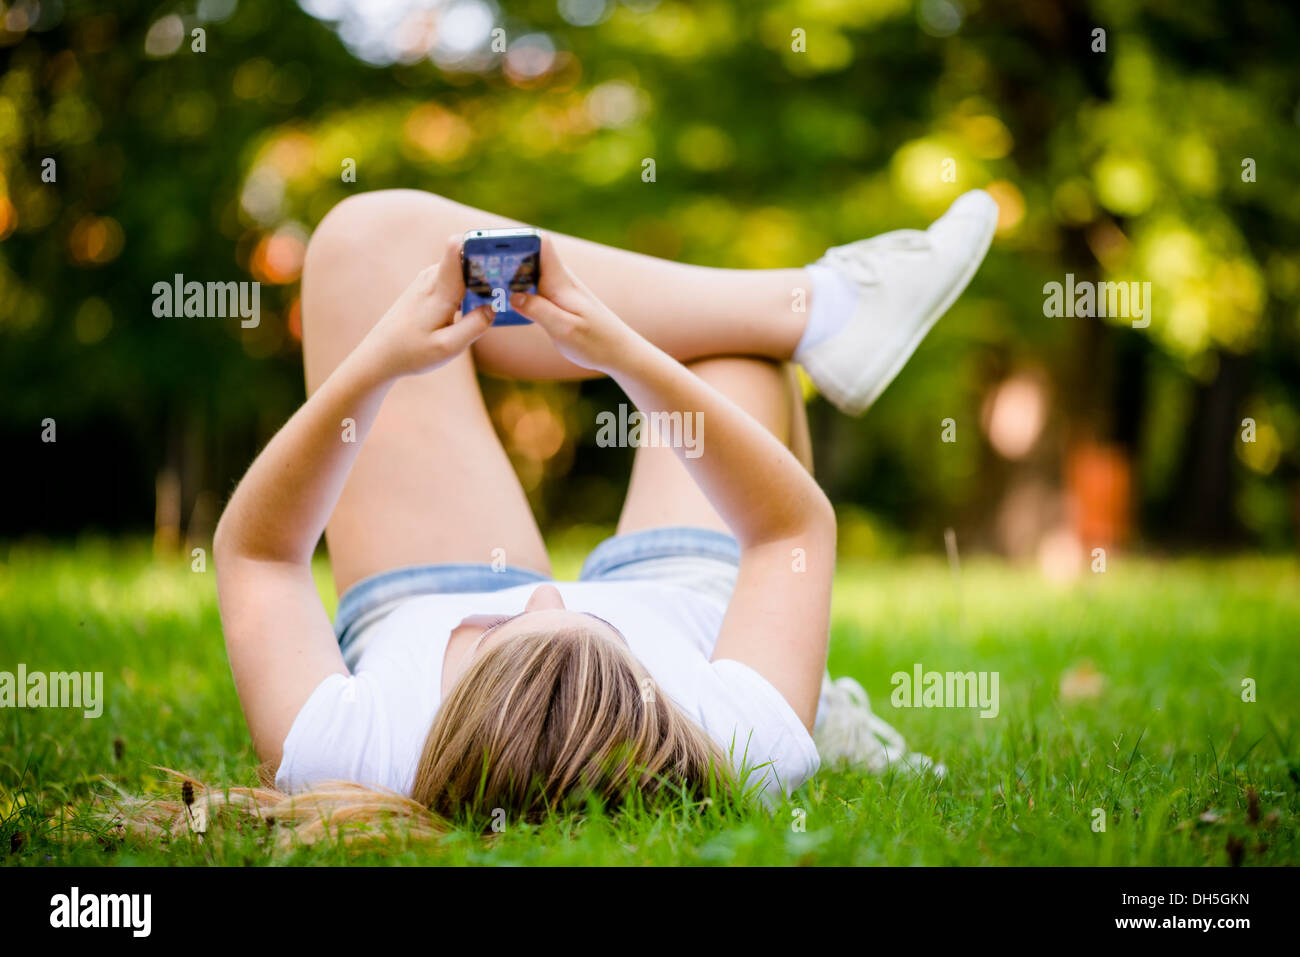 Giovane donna sdraiata su erba e lavorando con lo smartphone Immagini Stock